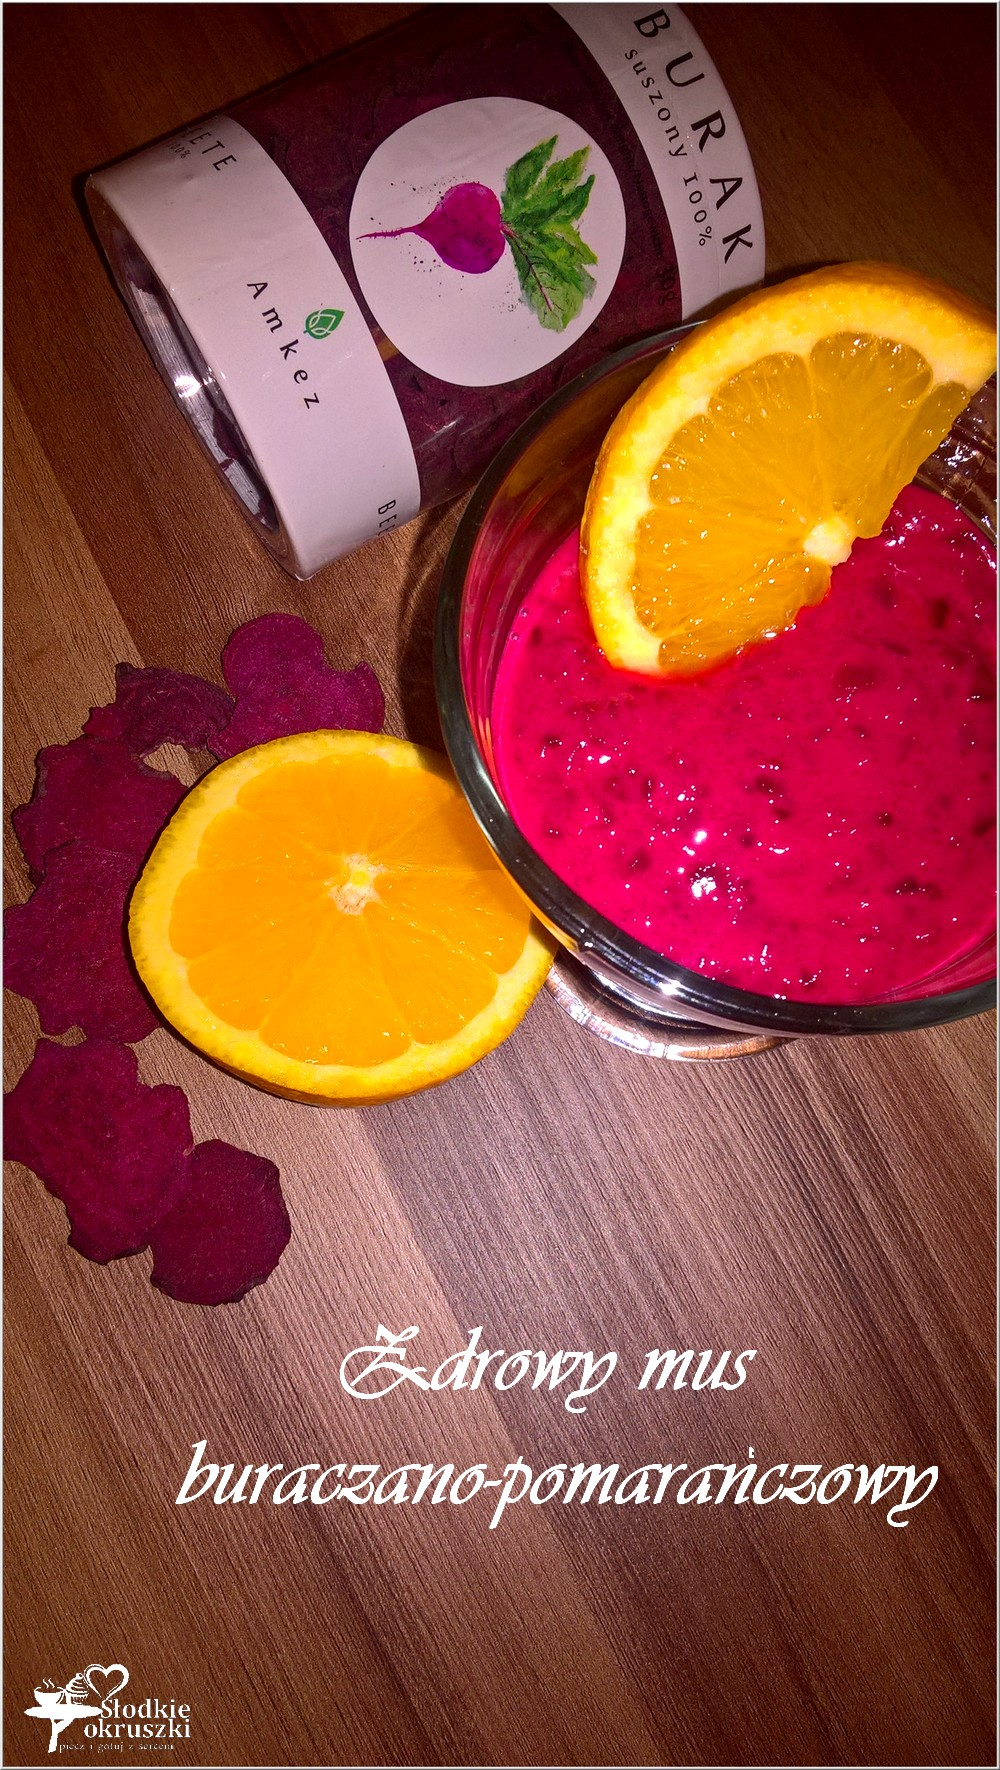 Zdrowy mus buraczano-pomarańczowy (słodki) (1)